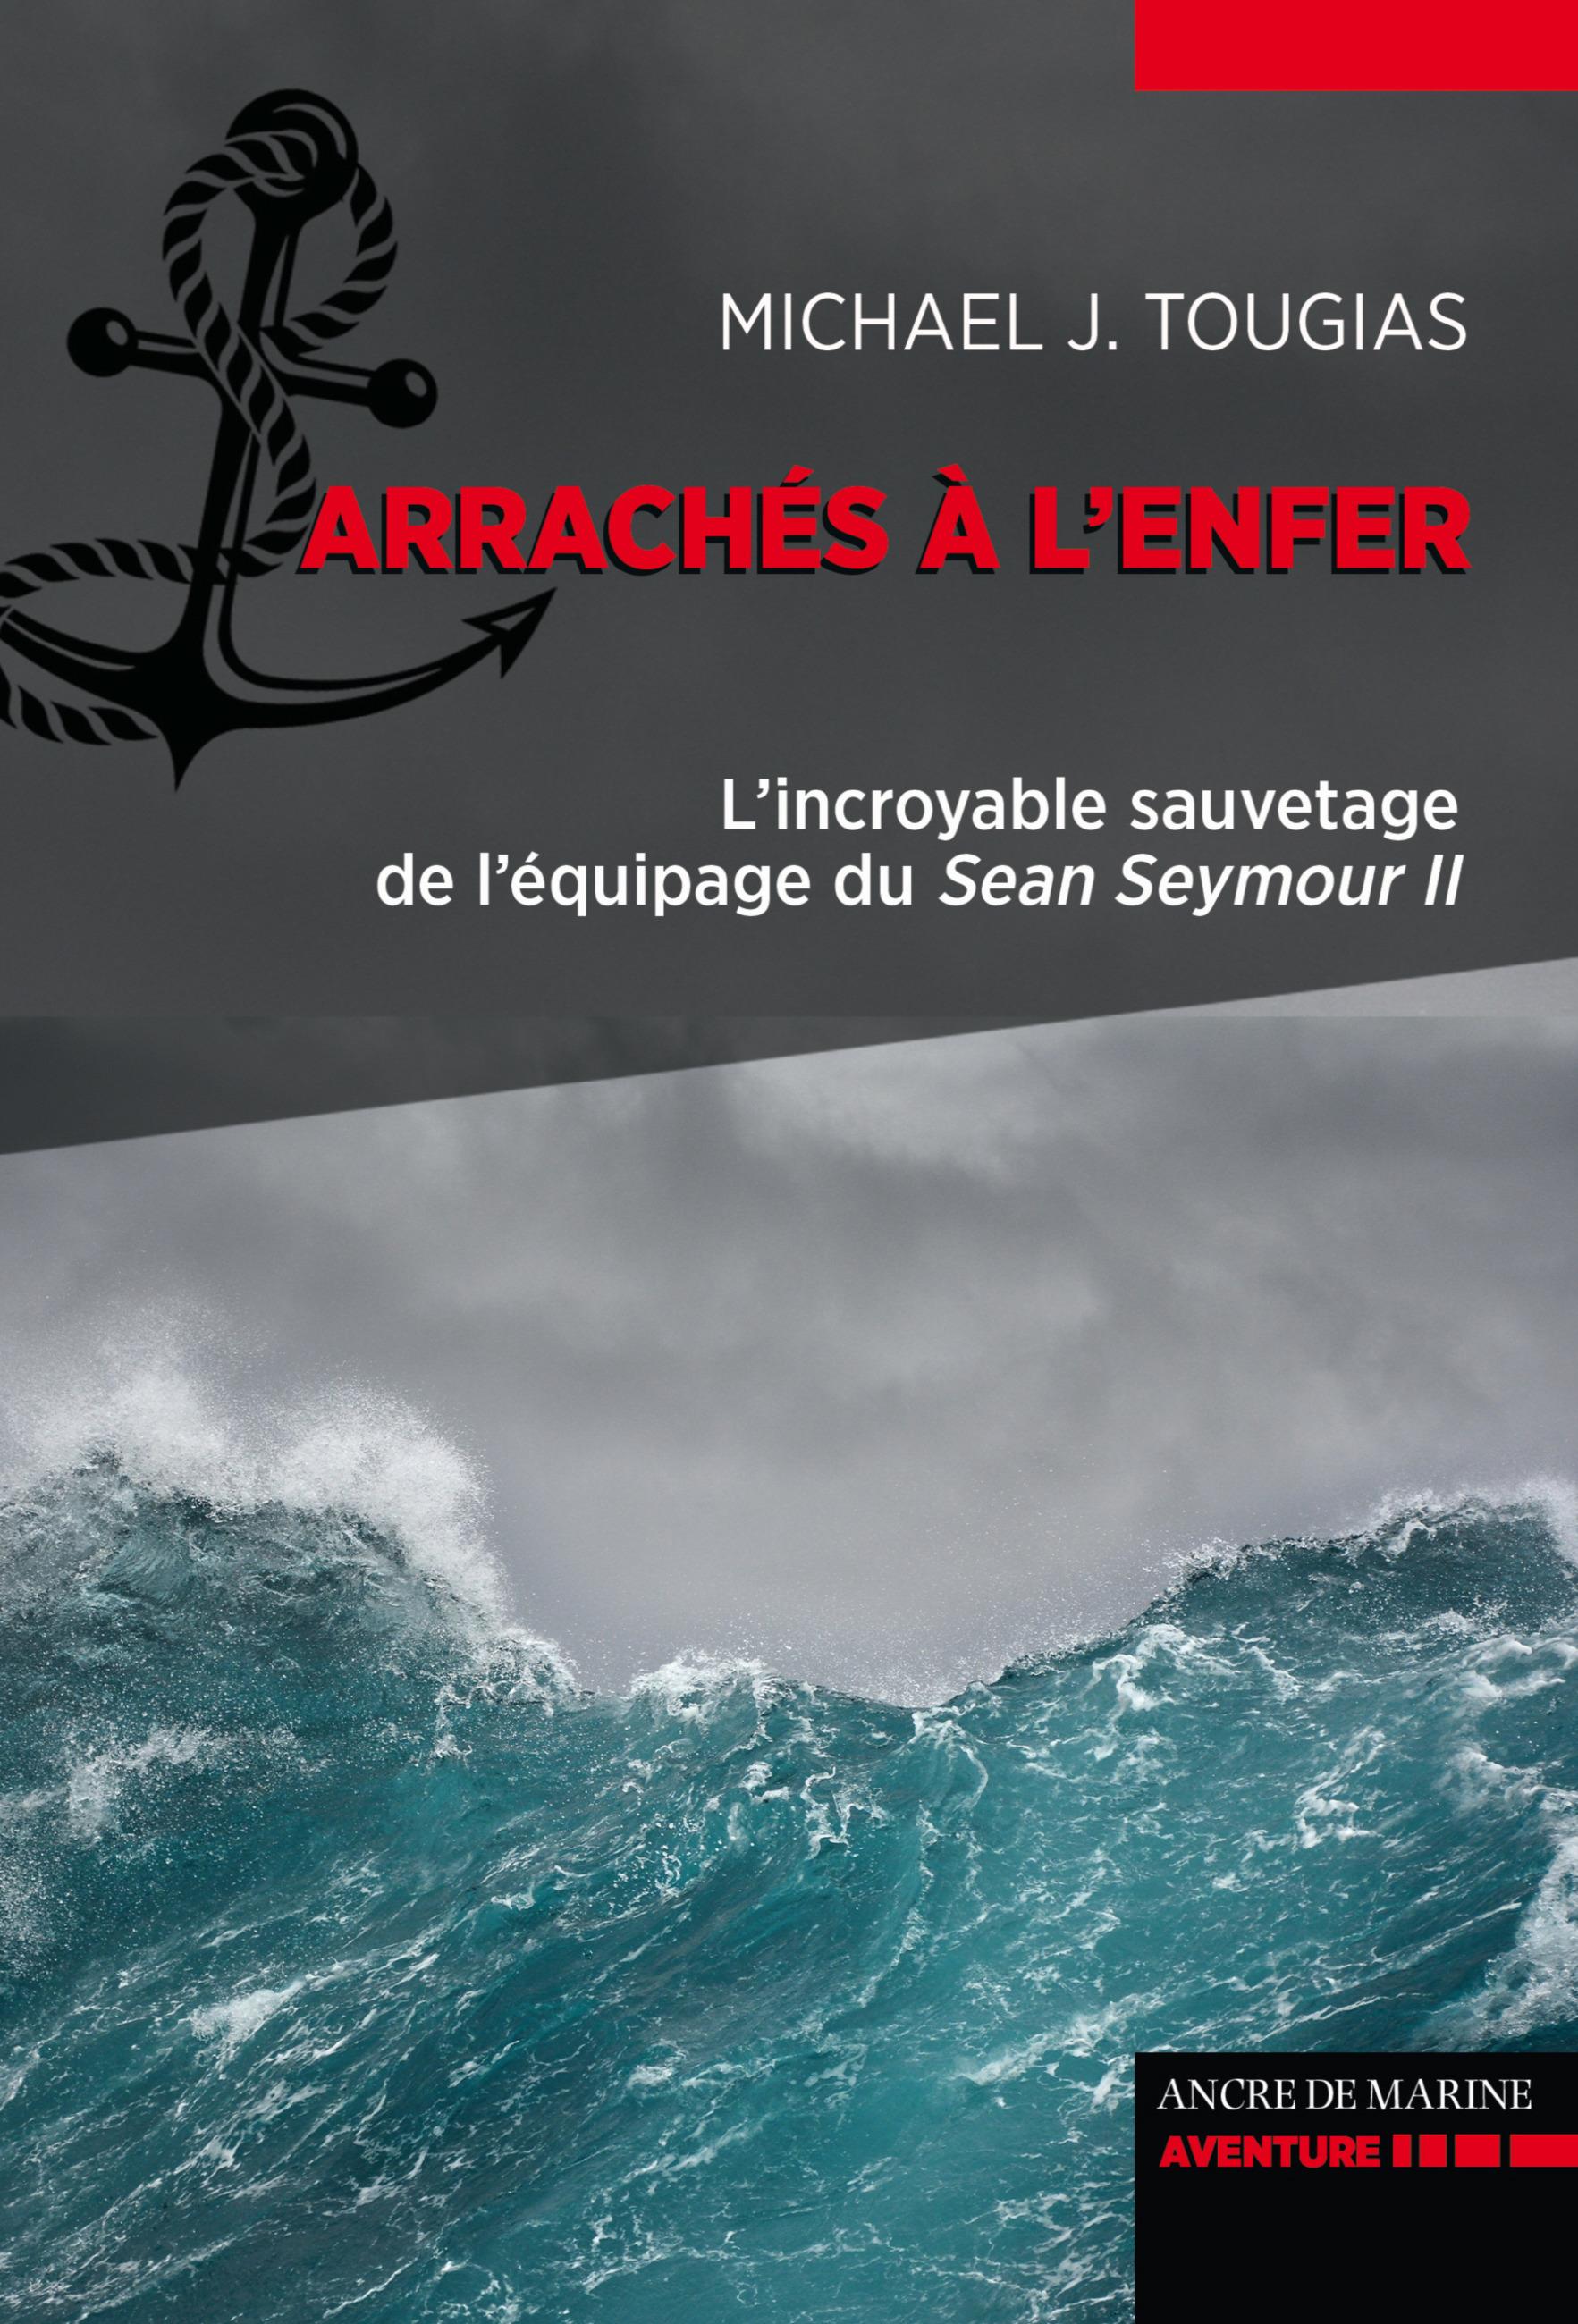 arrachés à l'enfer ; l'incroyable sauvetage des naufragés du Sean Seymour II